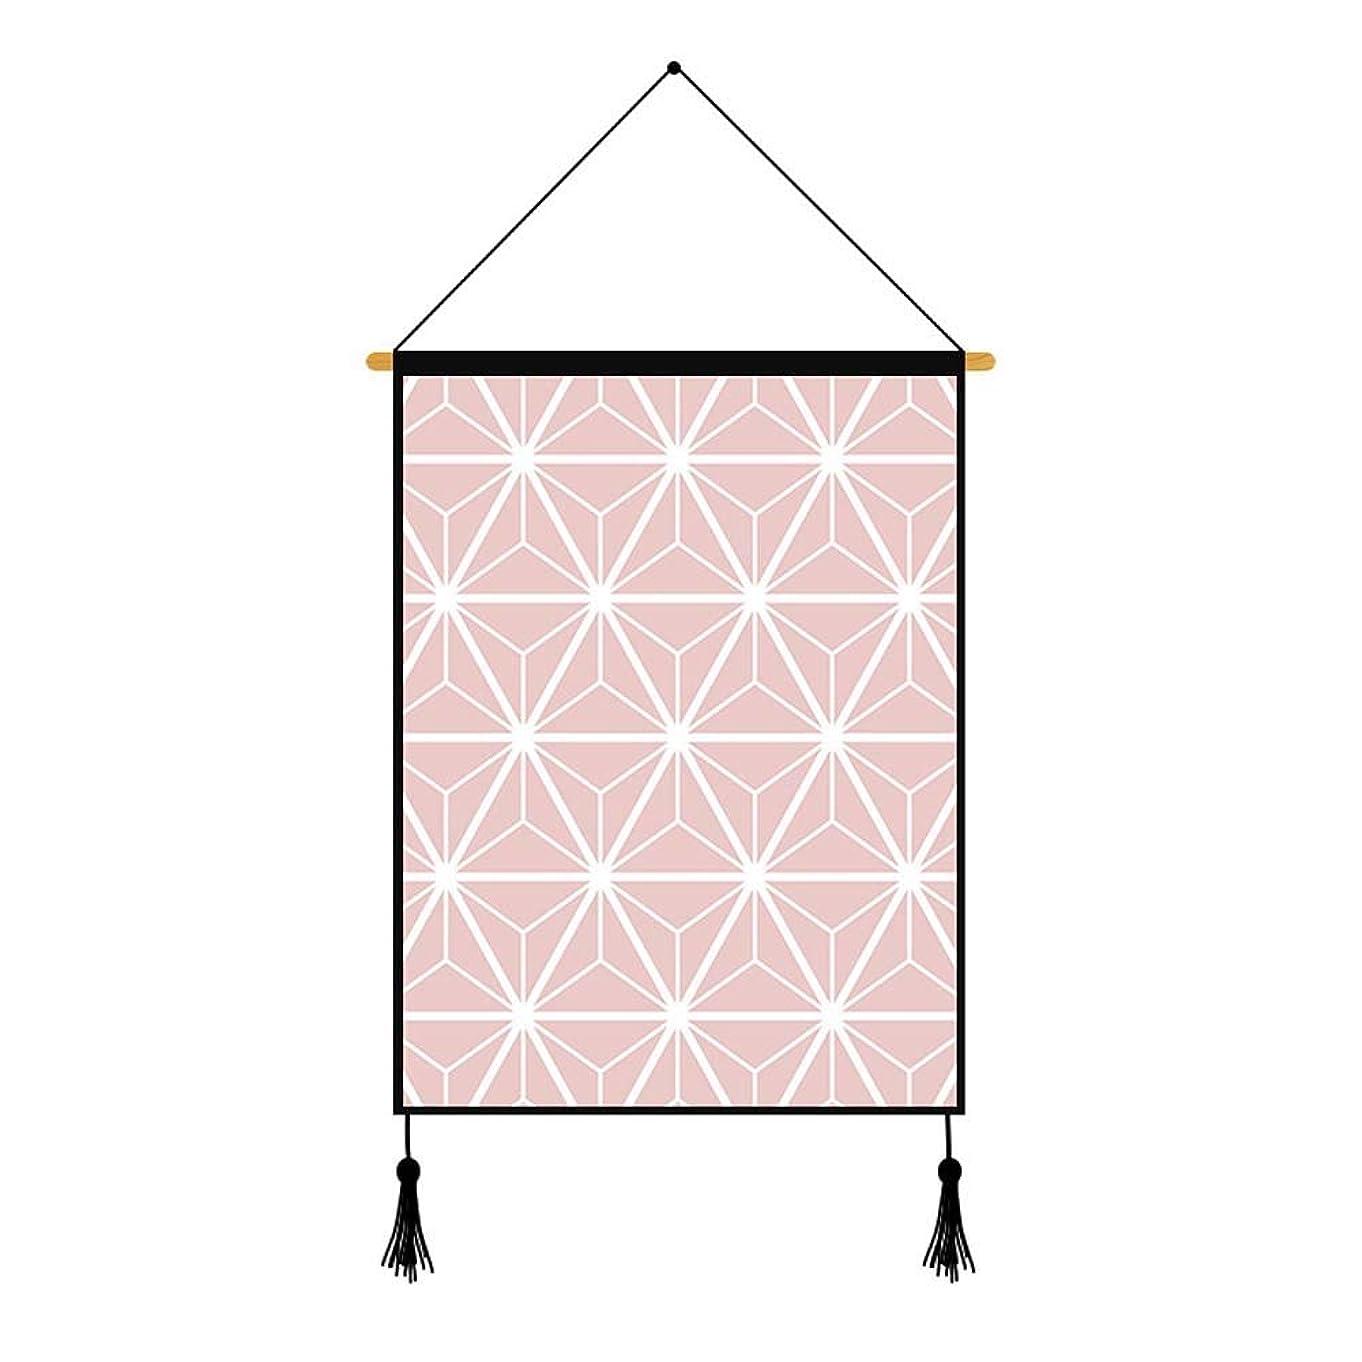 パーティー戦い彼は現代のミニマリスト印刷装飾絵画デジタル印刷壁画ピンクの幾何学的な創造的な厚い綿とリネンの幾何学模様スクロール絵画ベッドサイドウォール インテリア